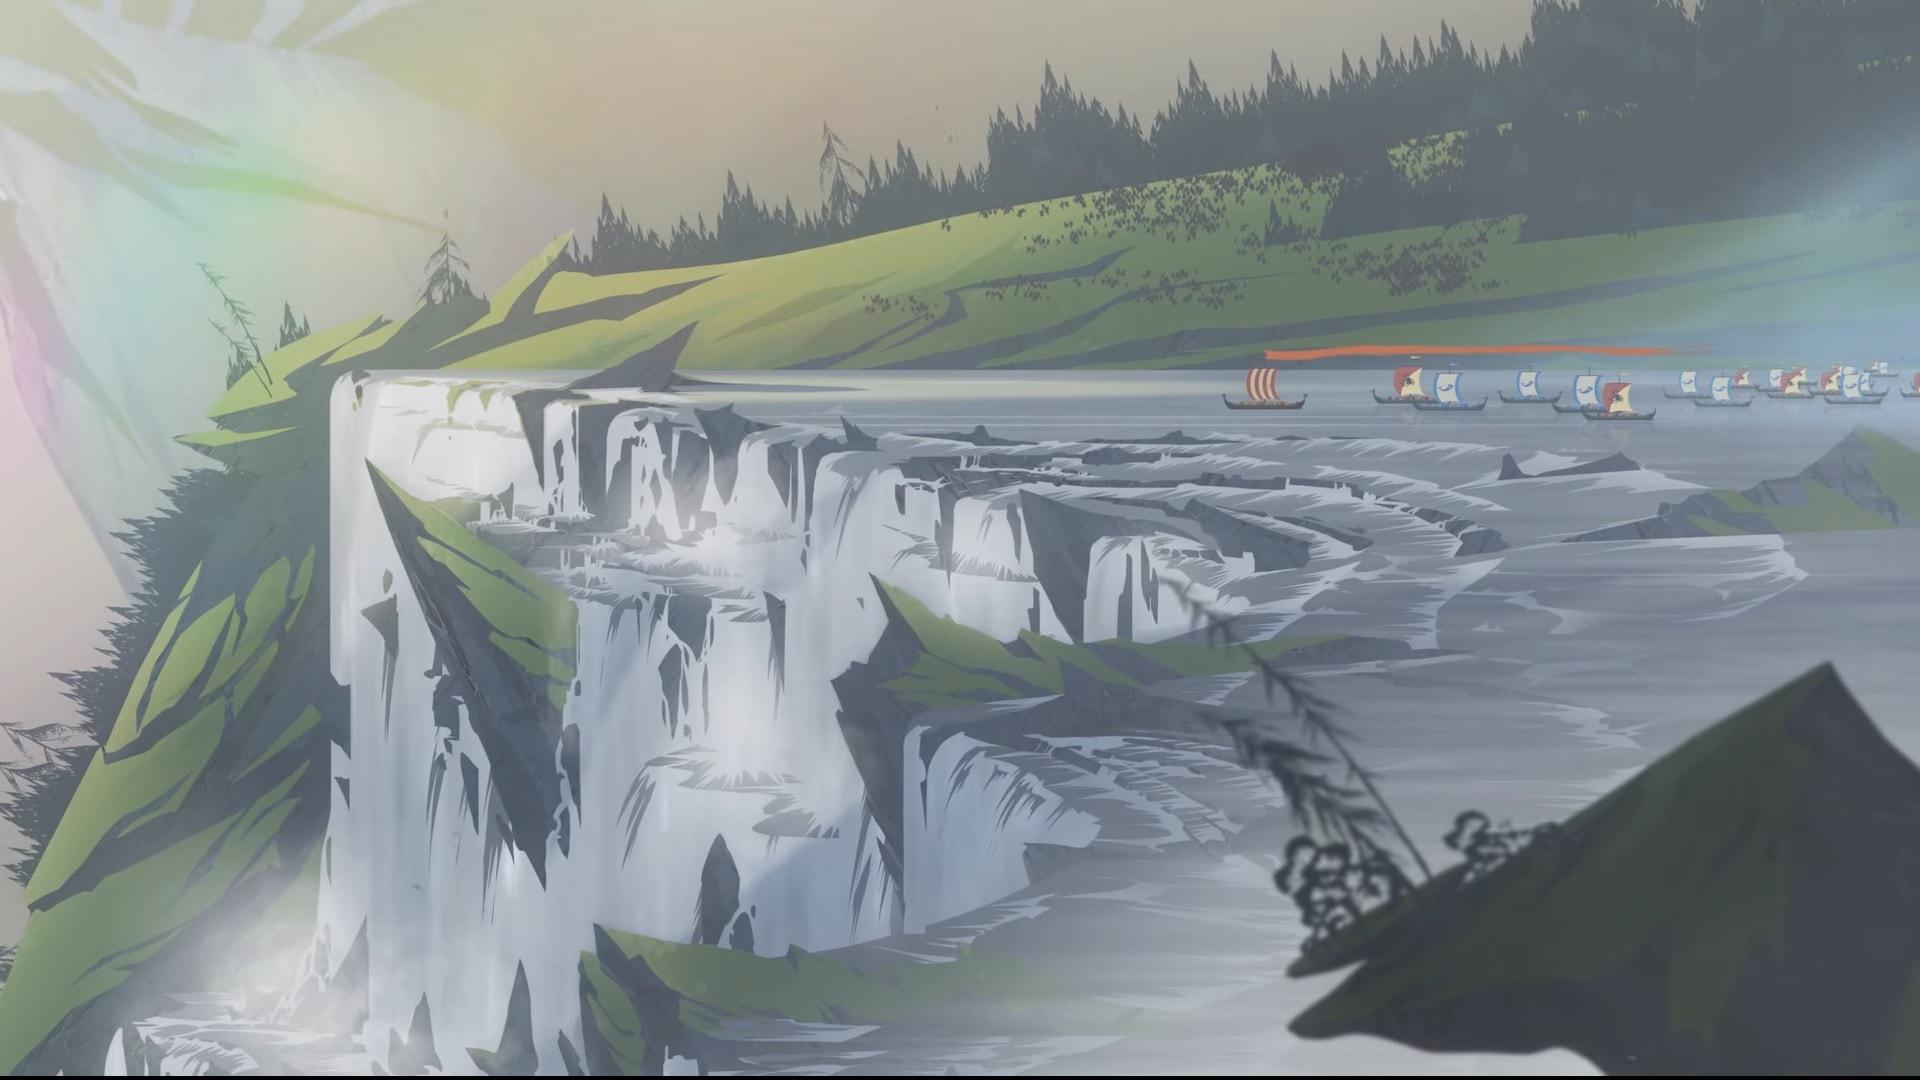 The Banner Saga 2 Wallpapers hd